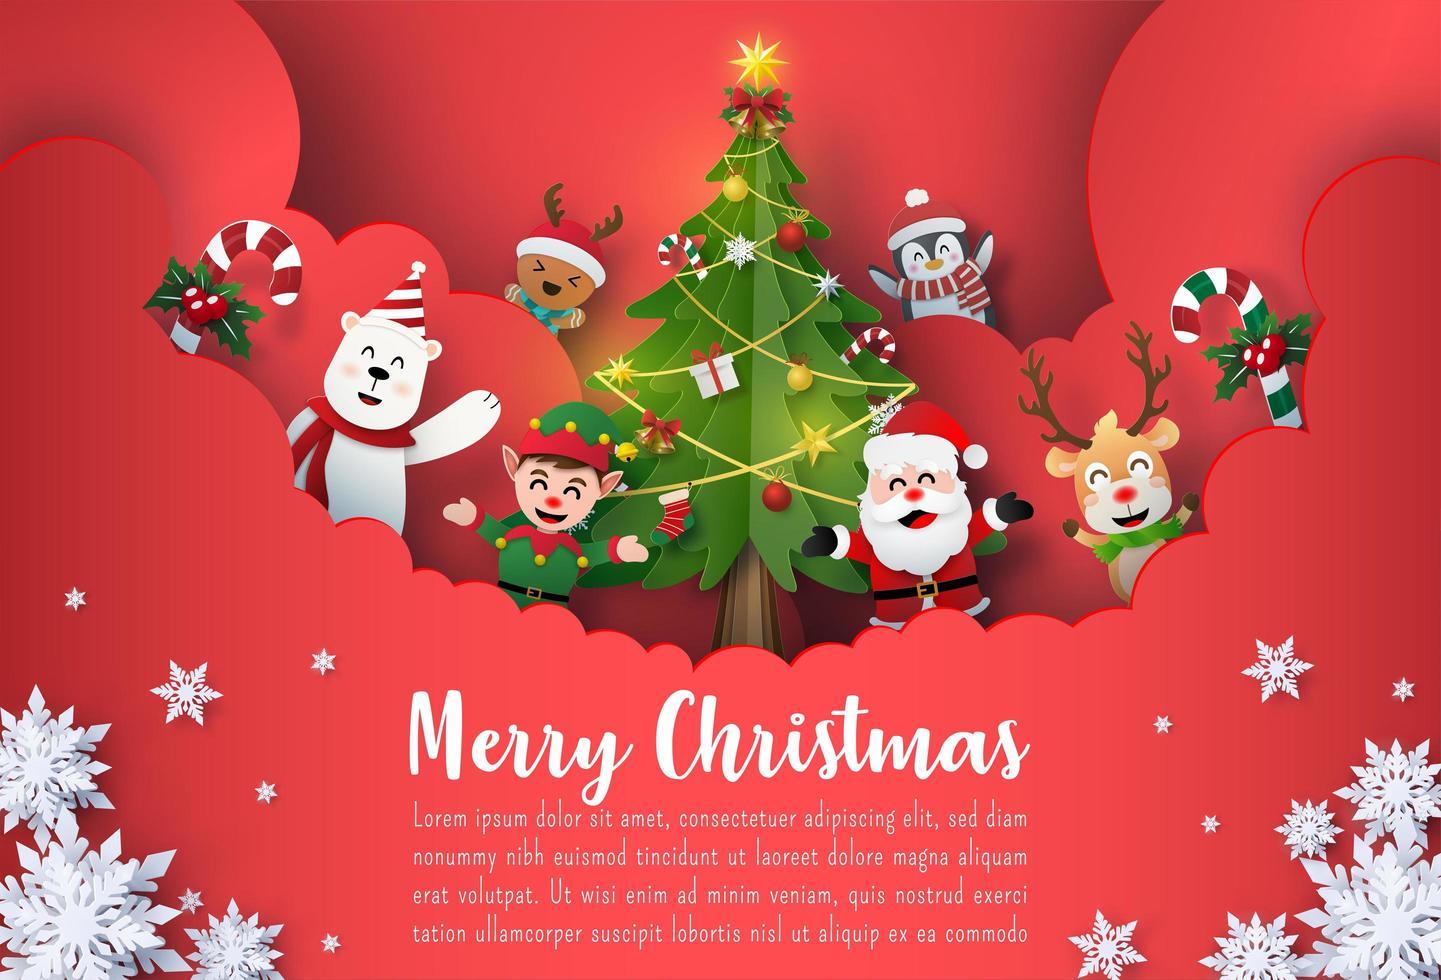 Origami Papierkunst Weihnachten Postkarte Banner von Santa Claus und niedlichen Comicfiguren vektor